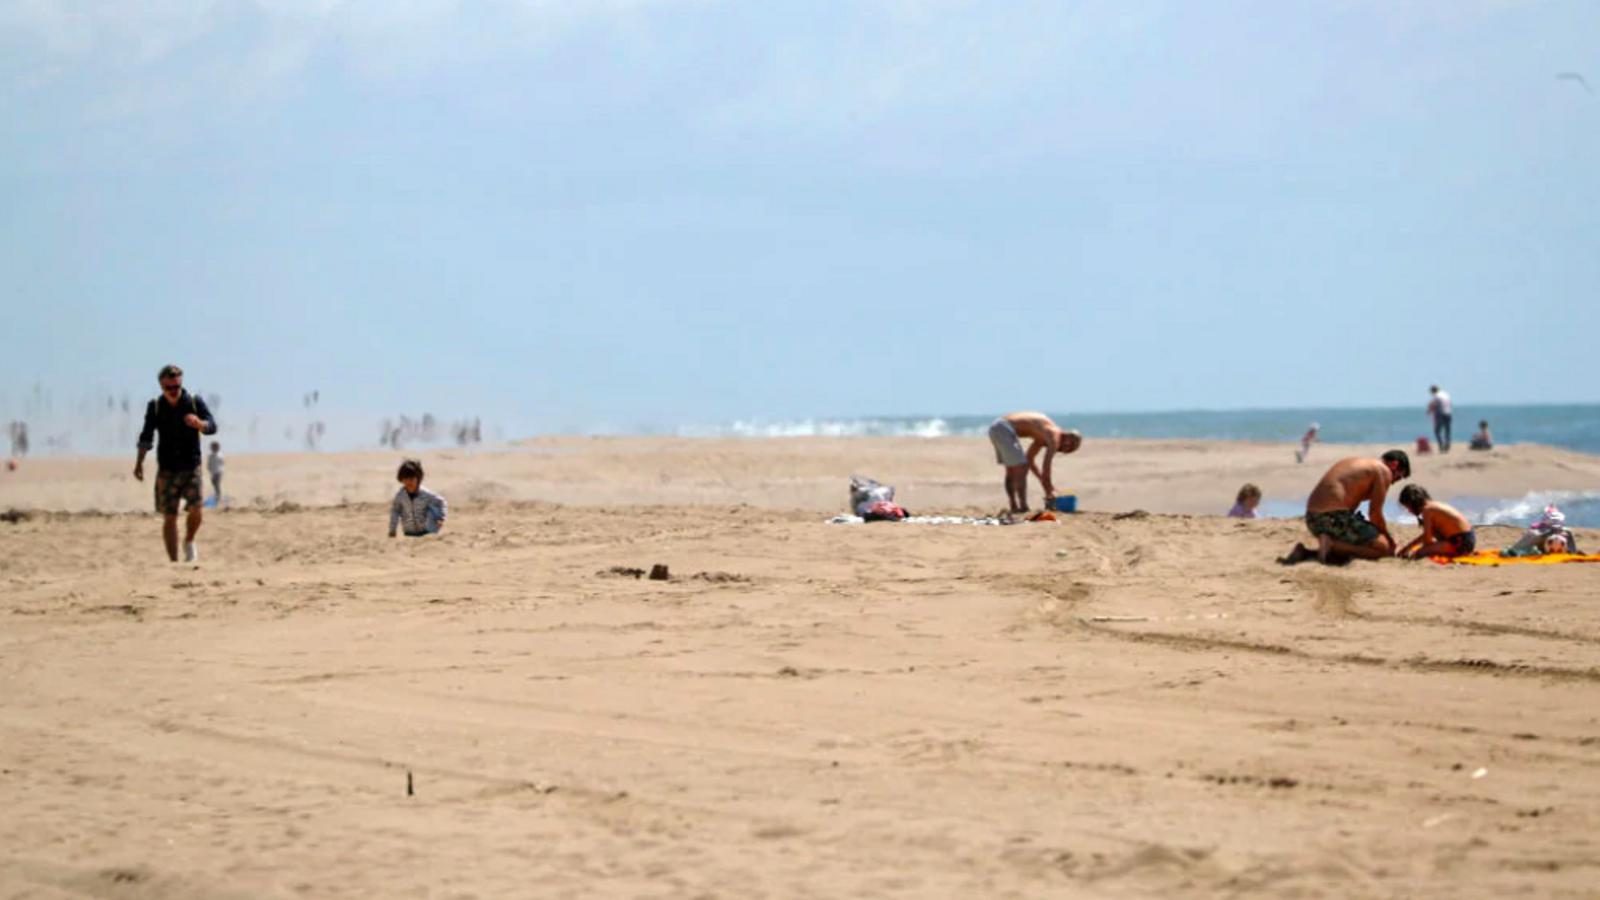 Les platges de la costa espanyola